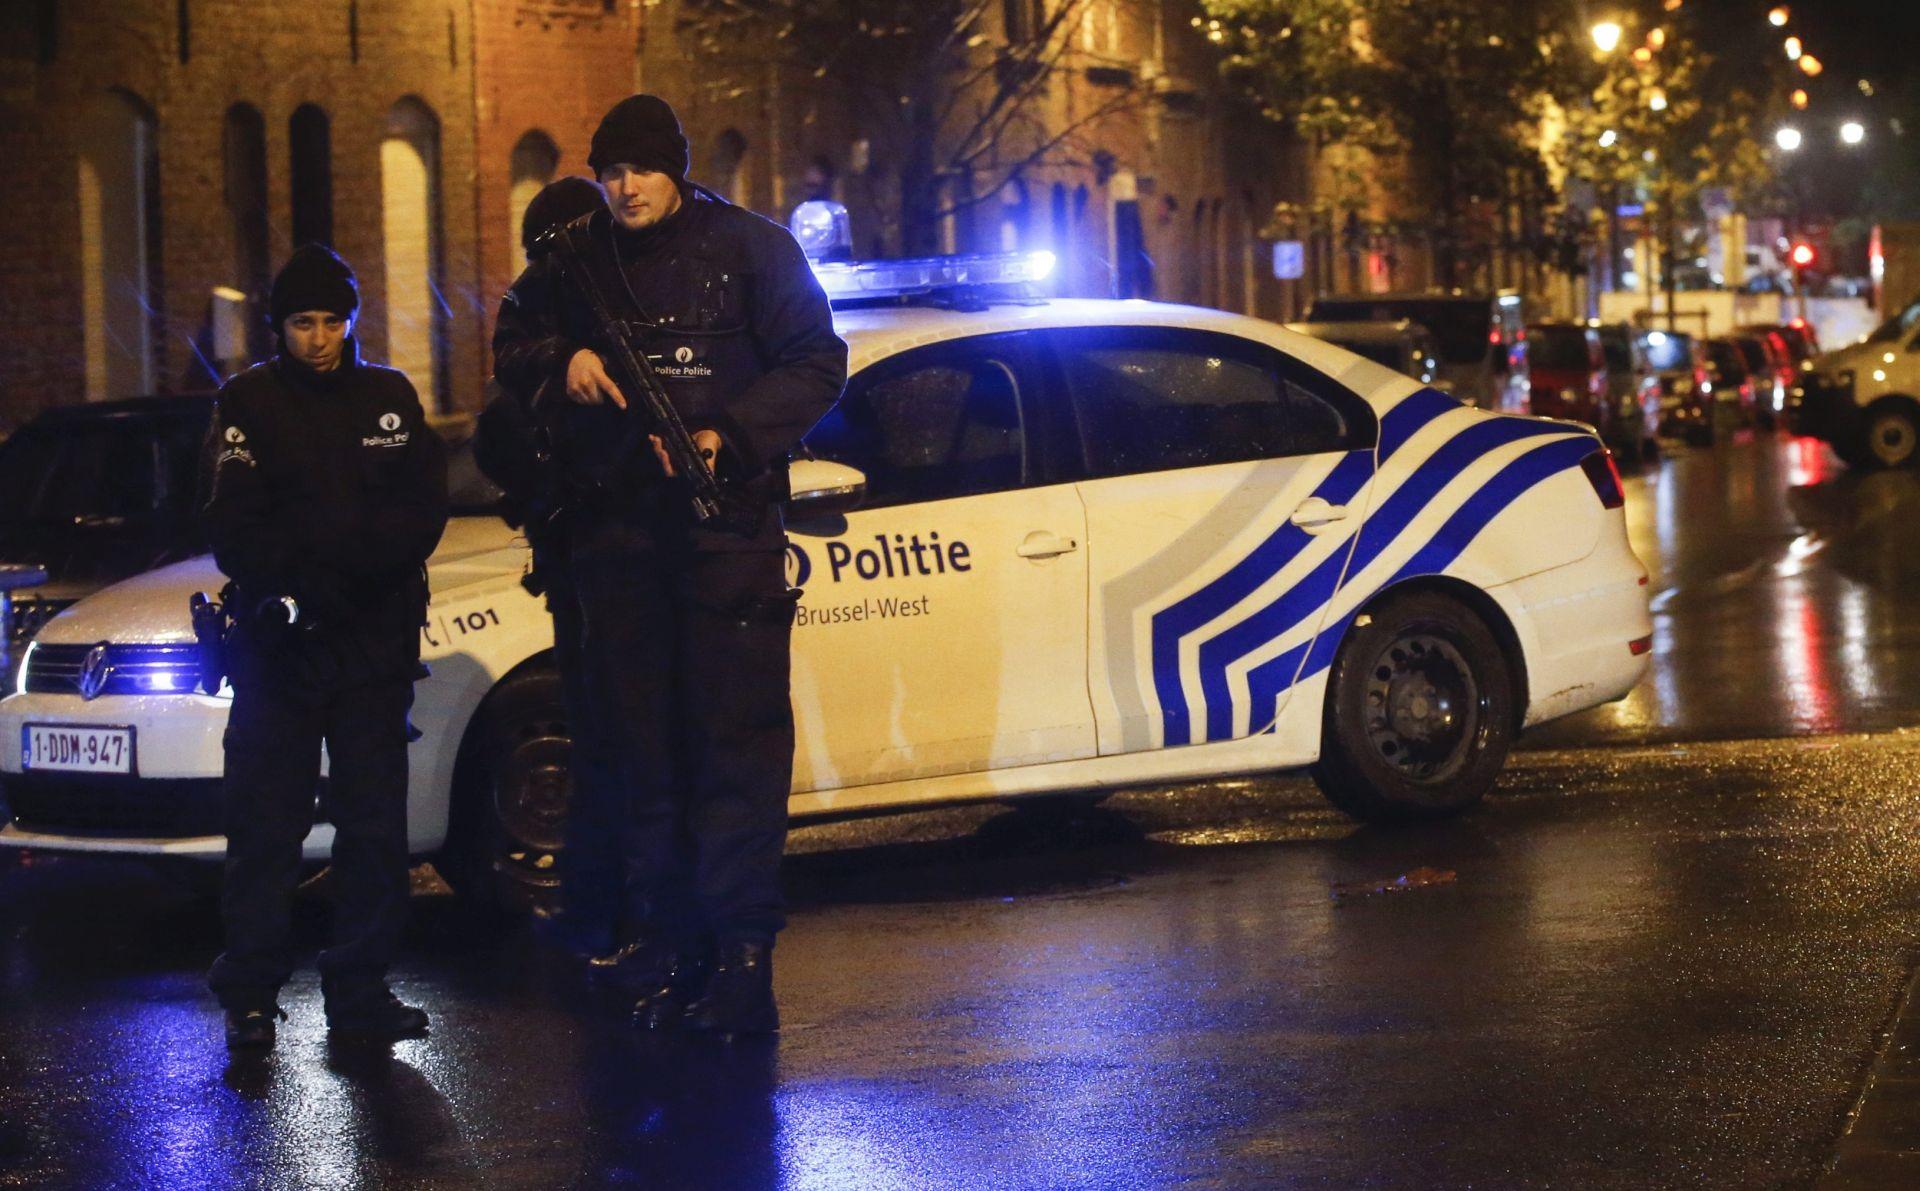 Francuska policija: Osmi terorist mogao bi otputovati u Španjolsku